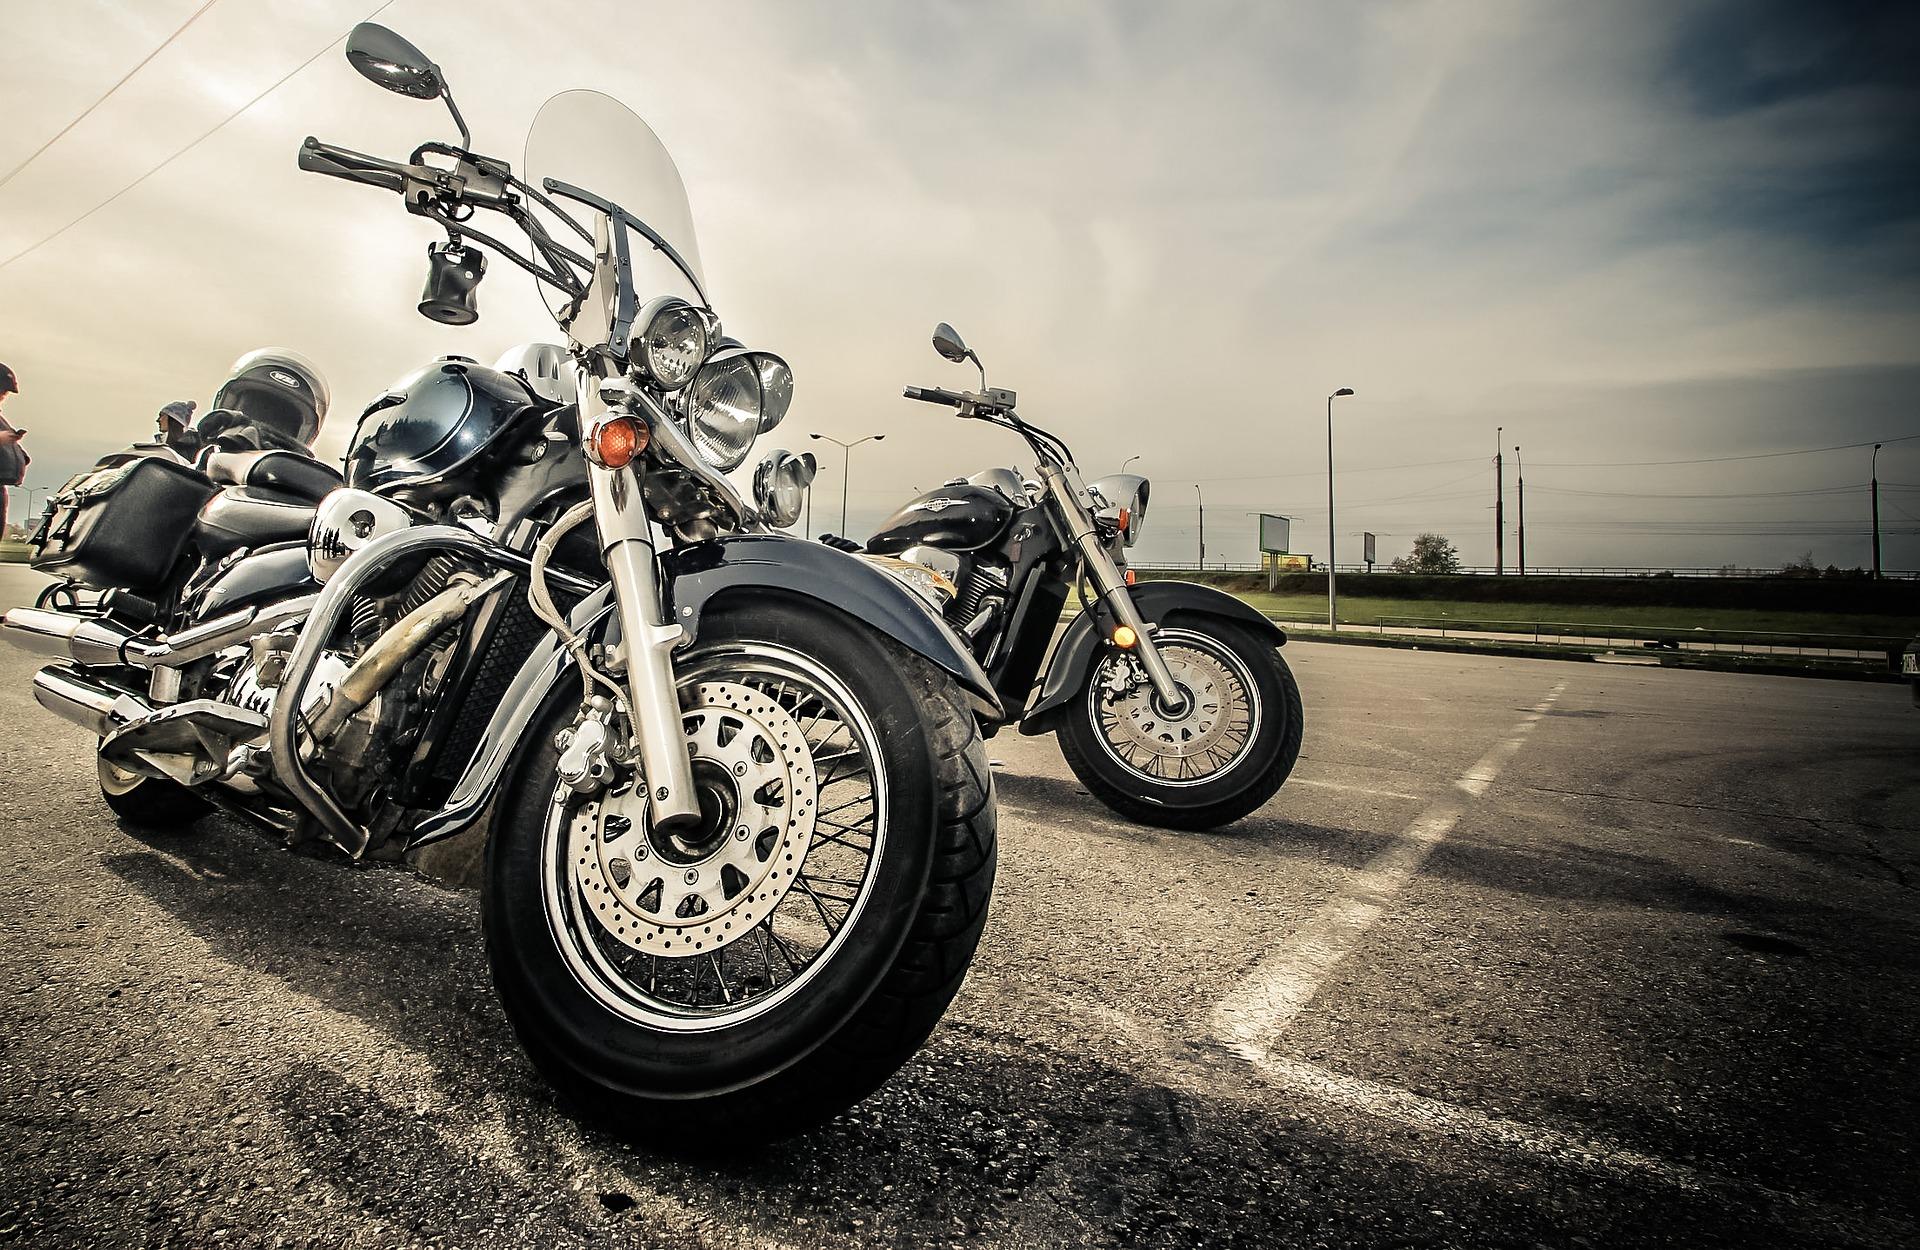 Nezapomeňte motorku před vyjížďkou po delší době zkontrolovat